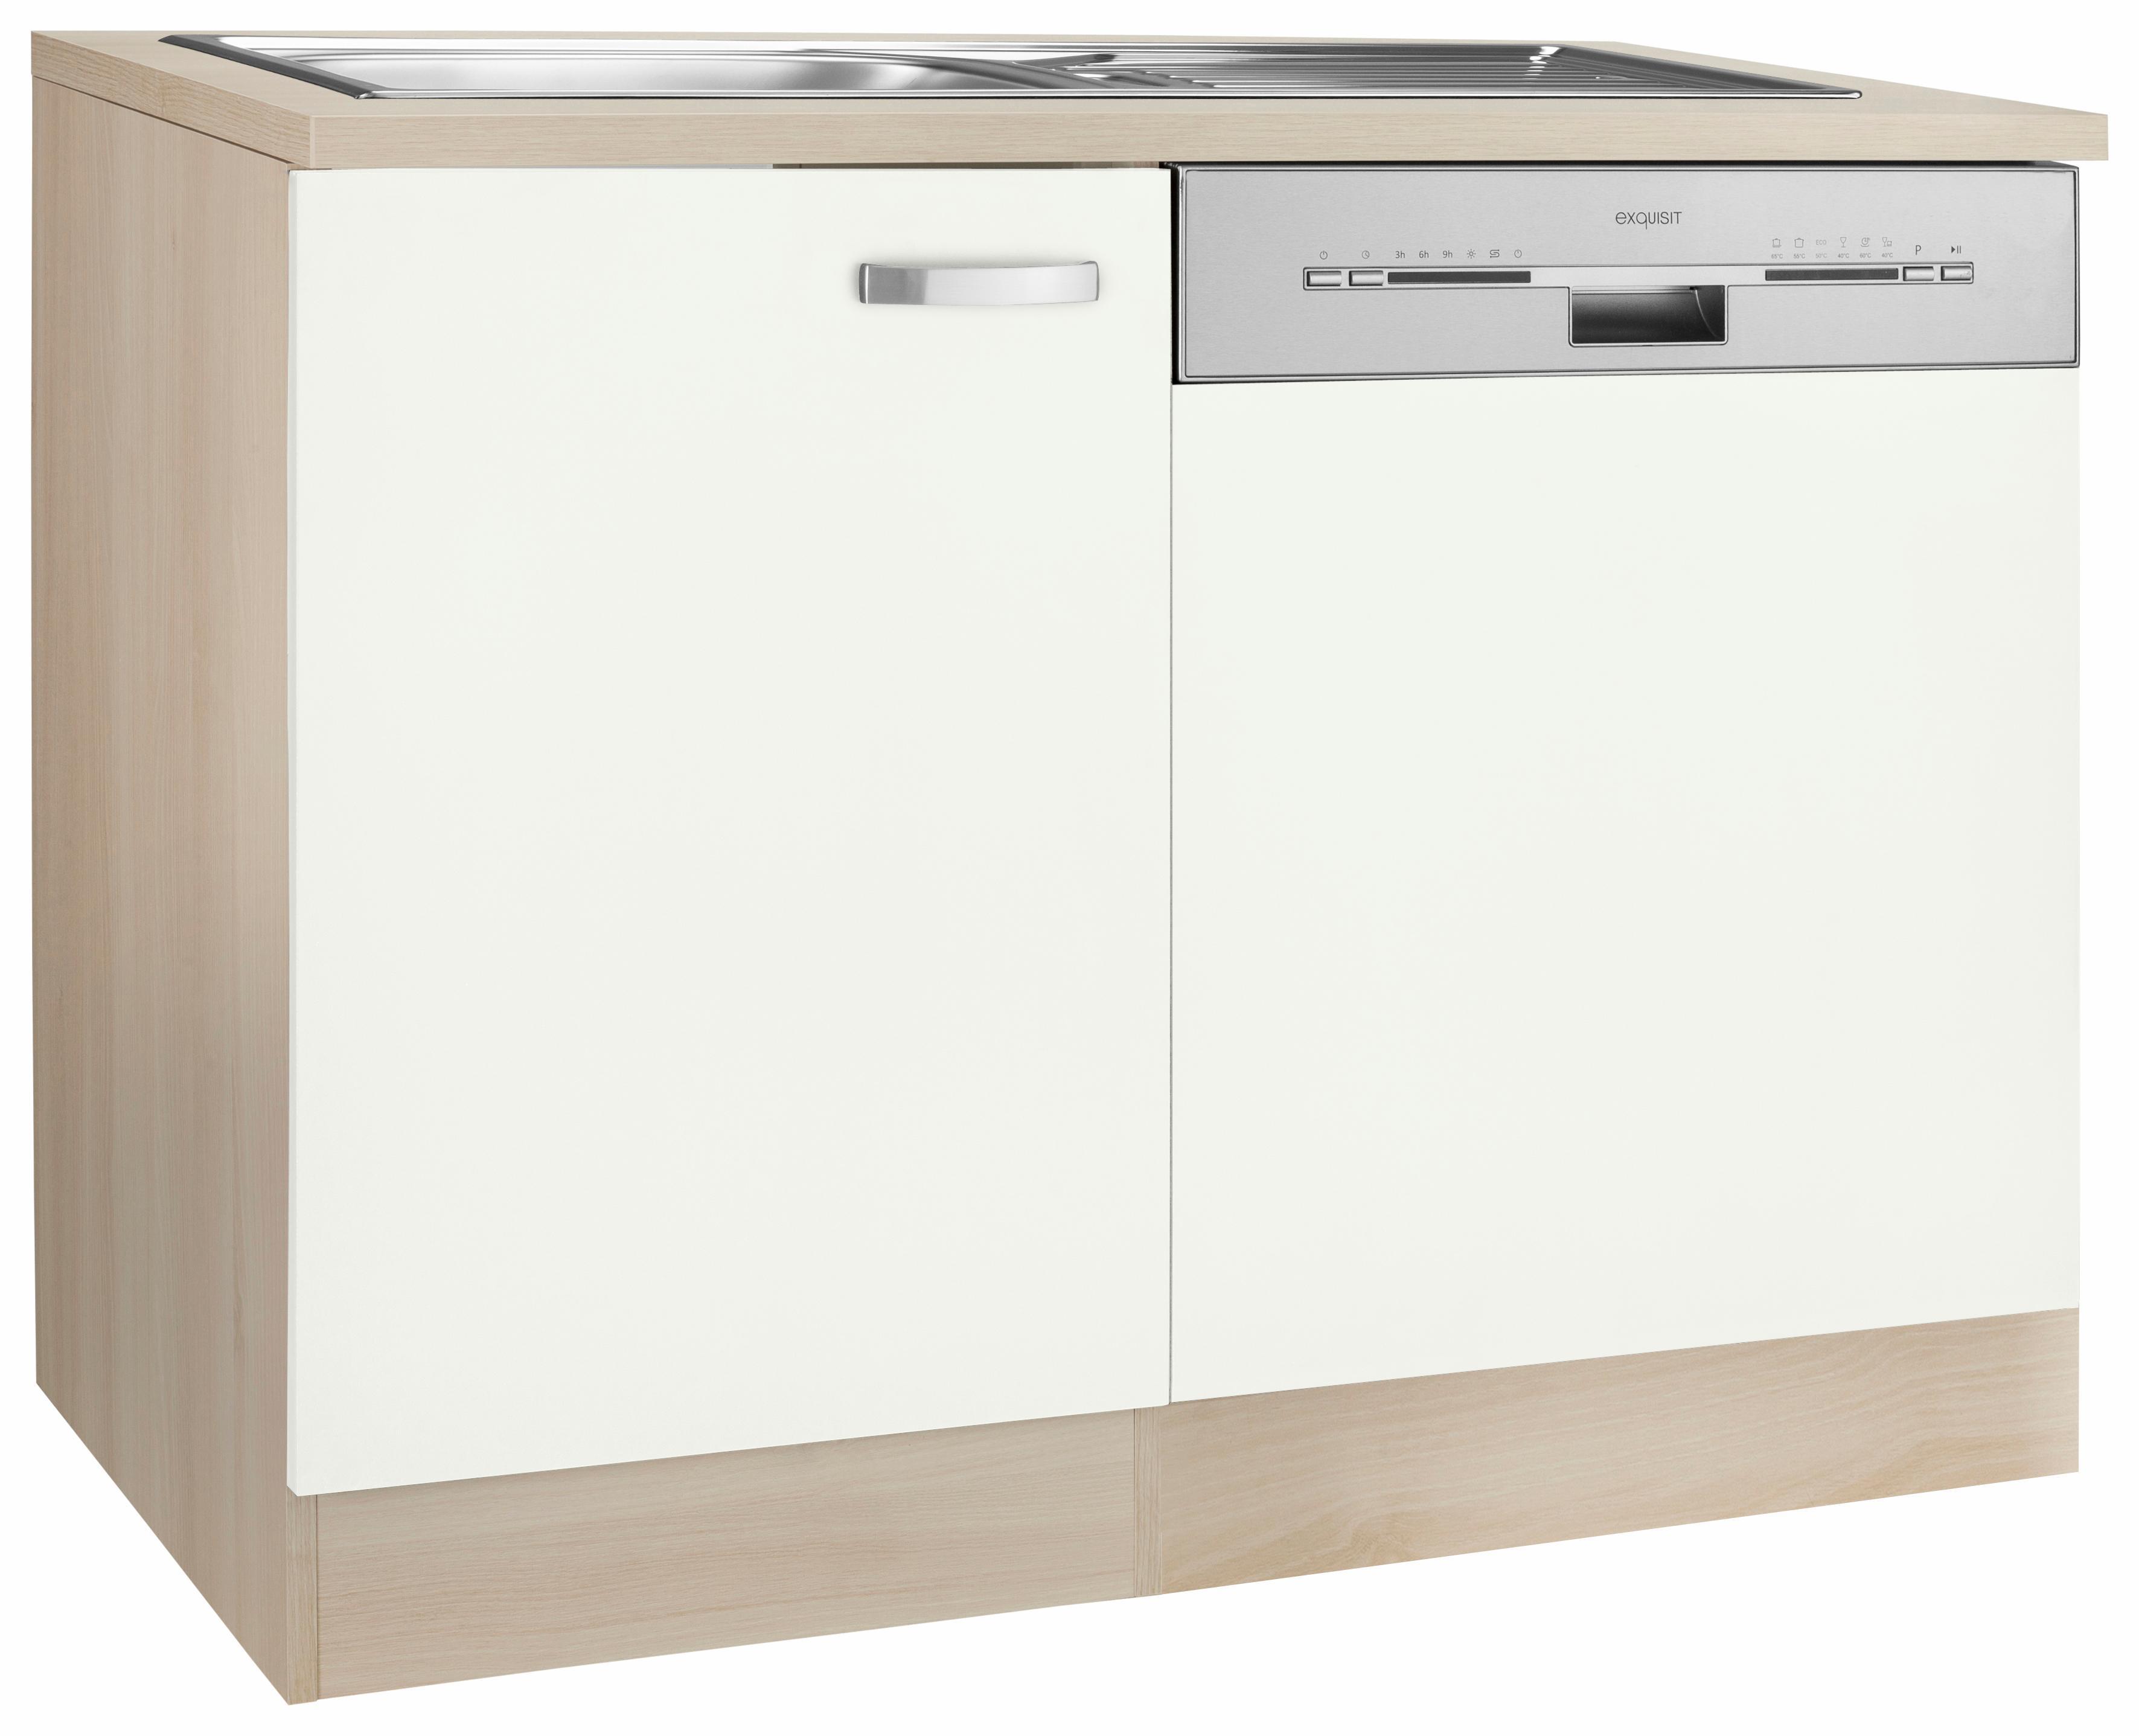 Spülenschrank Faro OPTIFIT mit Tür/Sockel für Geschirrspüler | Küche und Esszimmer > Küchenschränke > Spülenschränke | Weiß | Akazie - Edelstahl - Melamin | Optifit